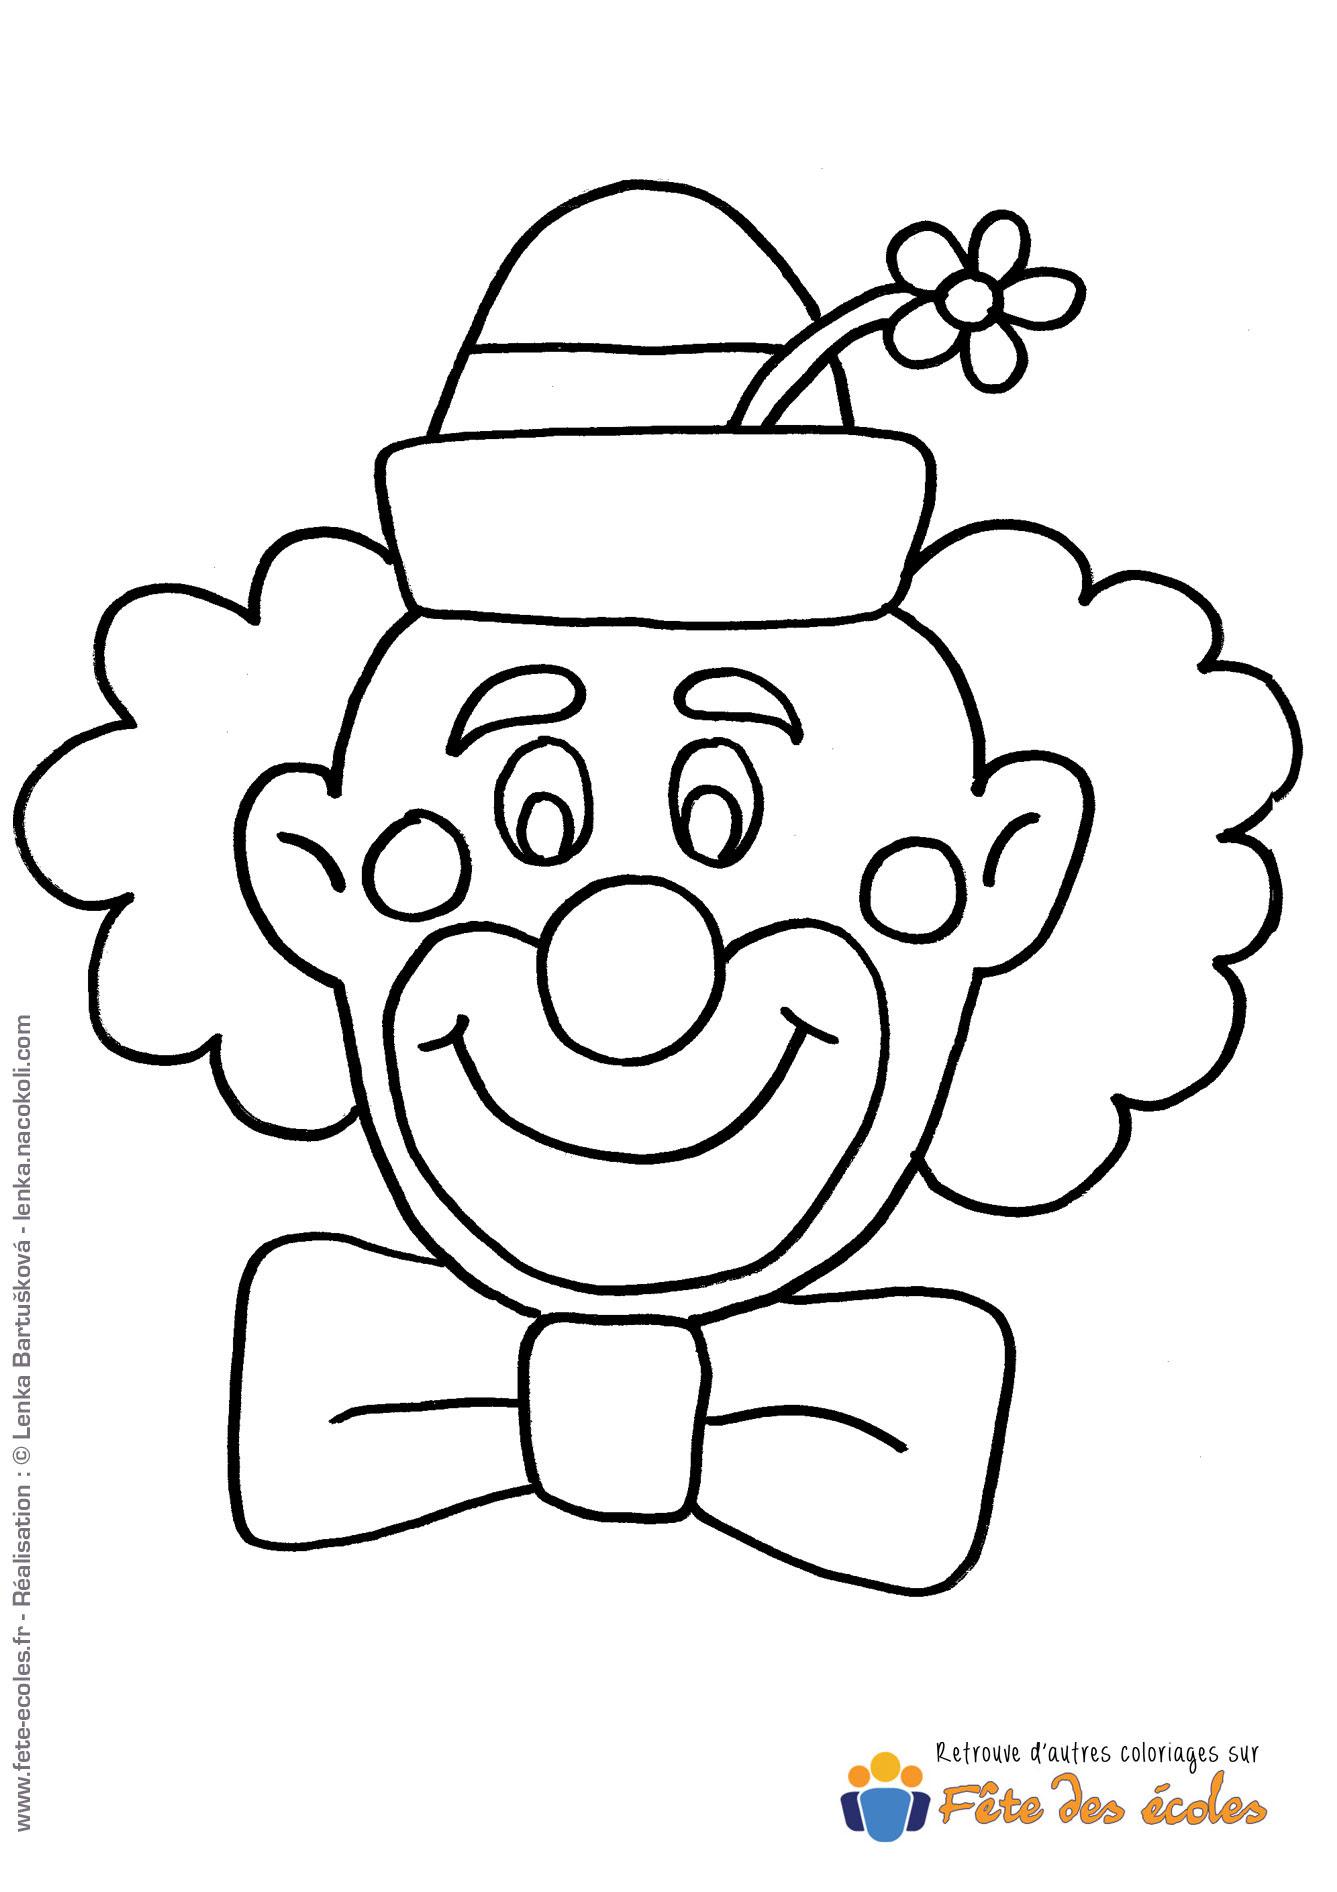 Coloriage Clown Drole.Coloriage Tete De Clown Coloriage